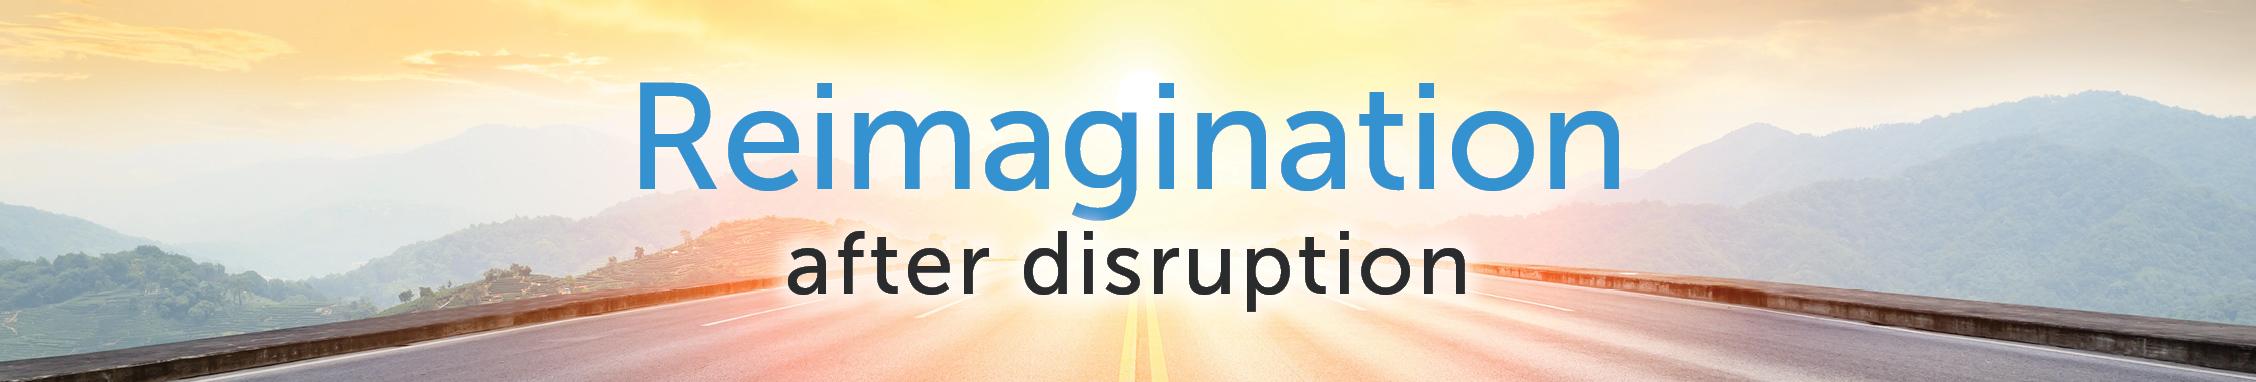 Reimagination After Disruption